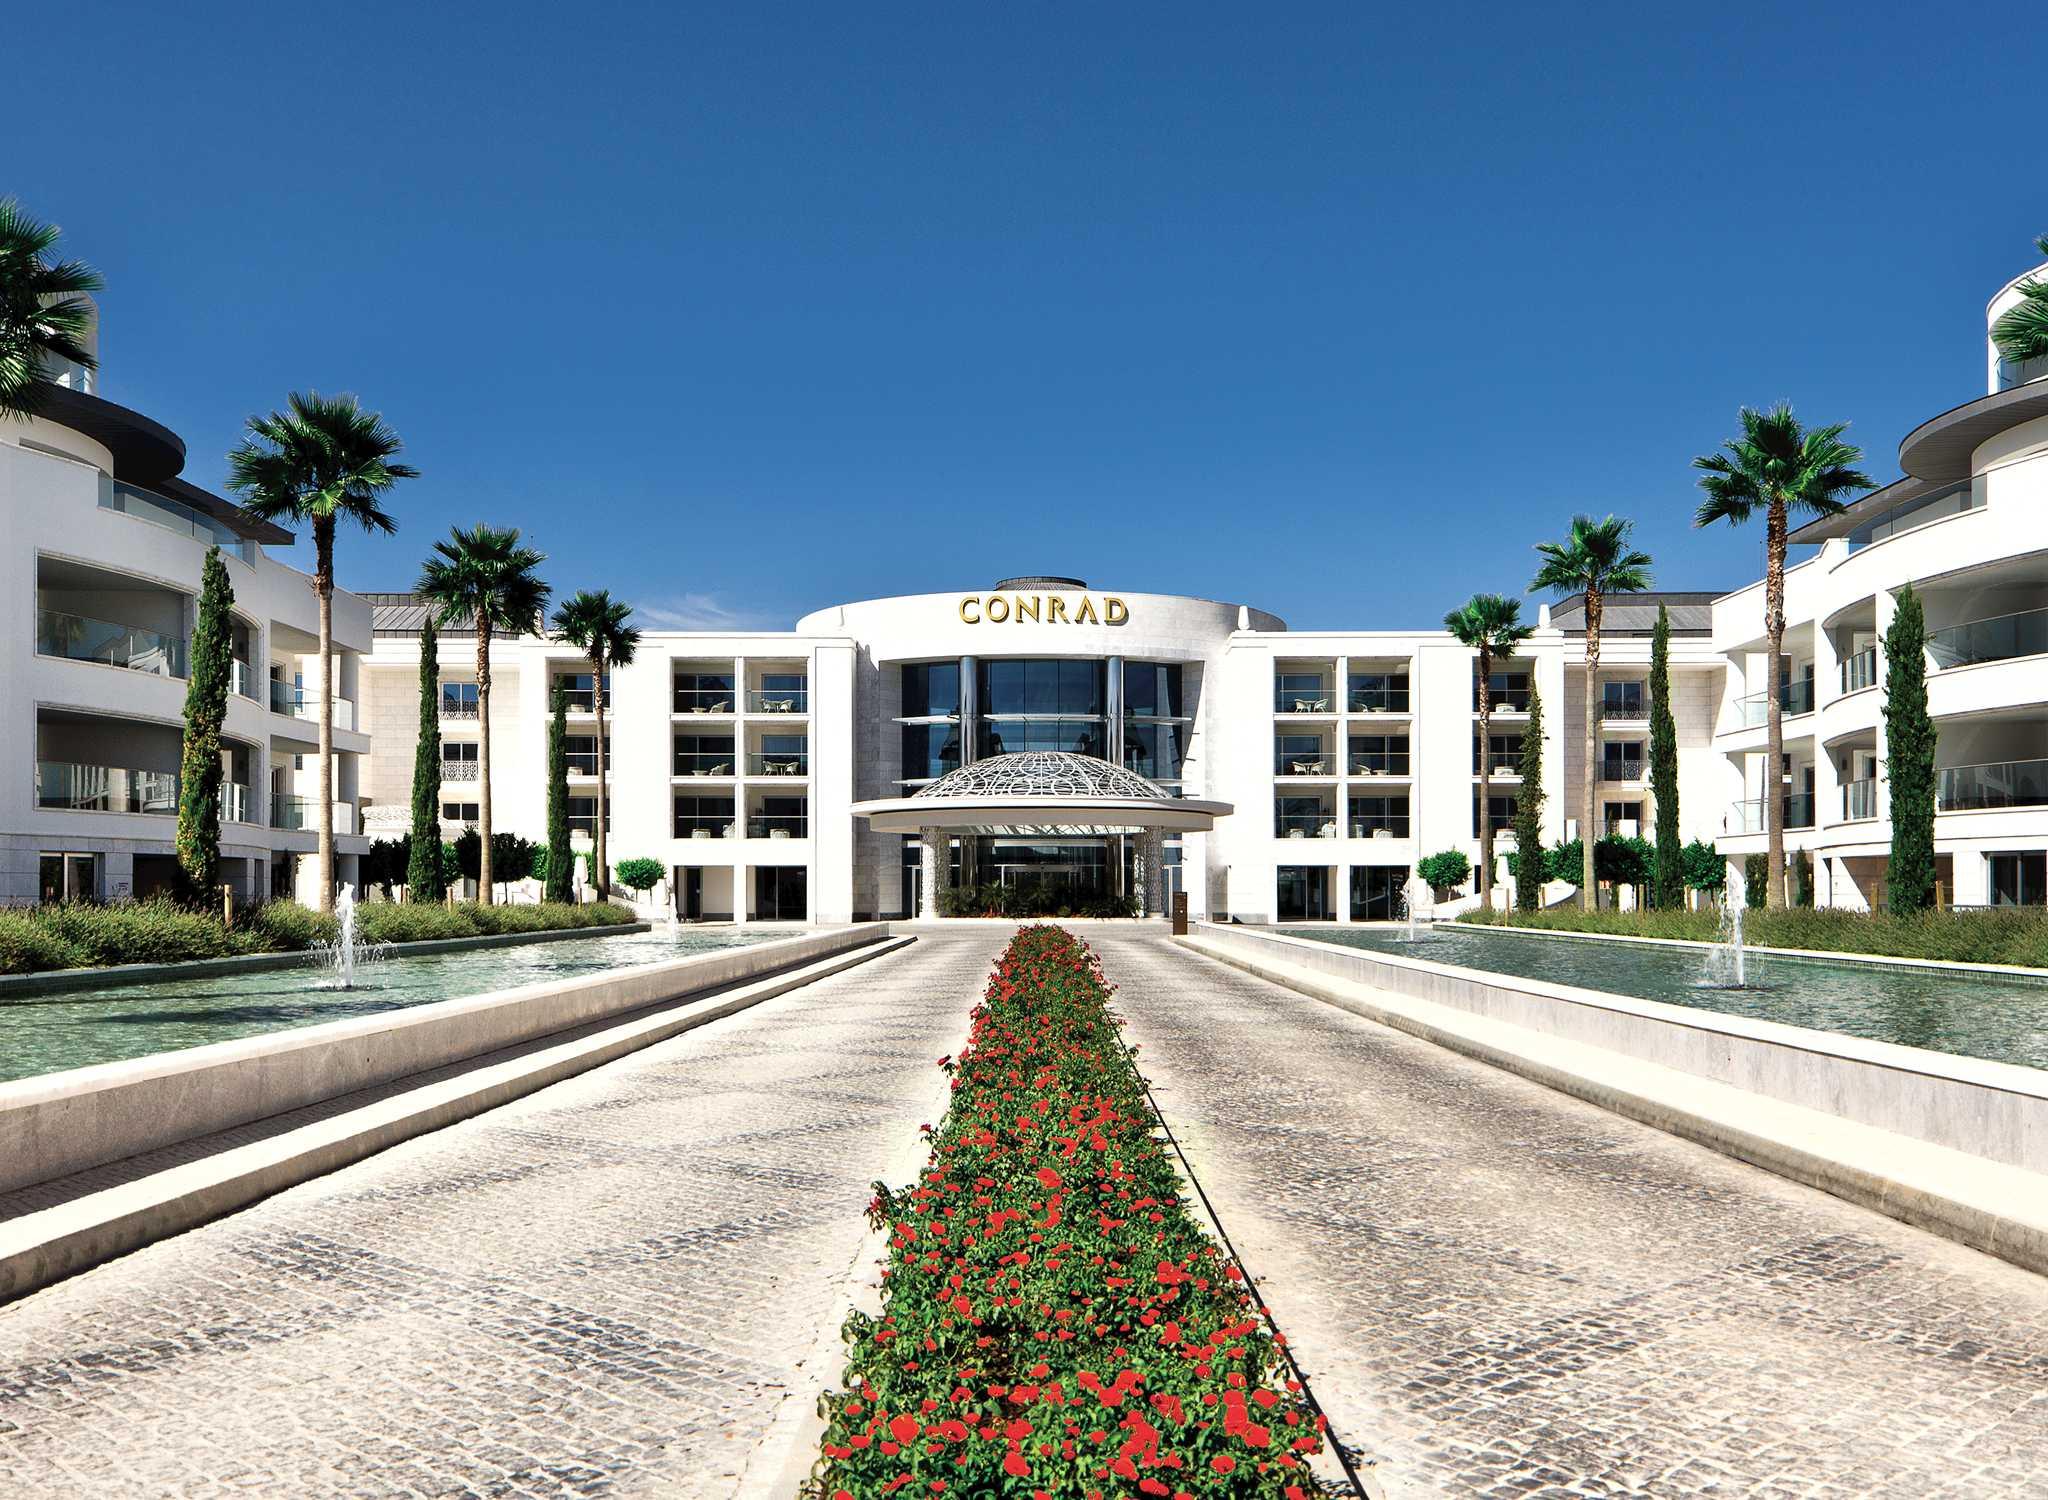 Conrad Algarve Luxus Hotel Und Resort Algarve Portugal